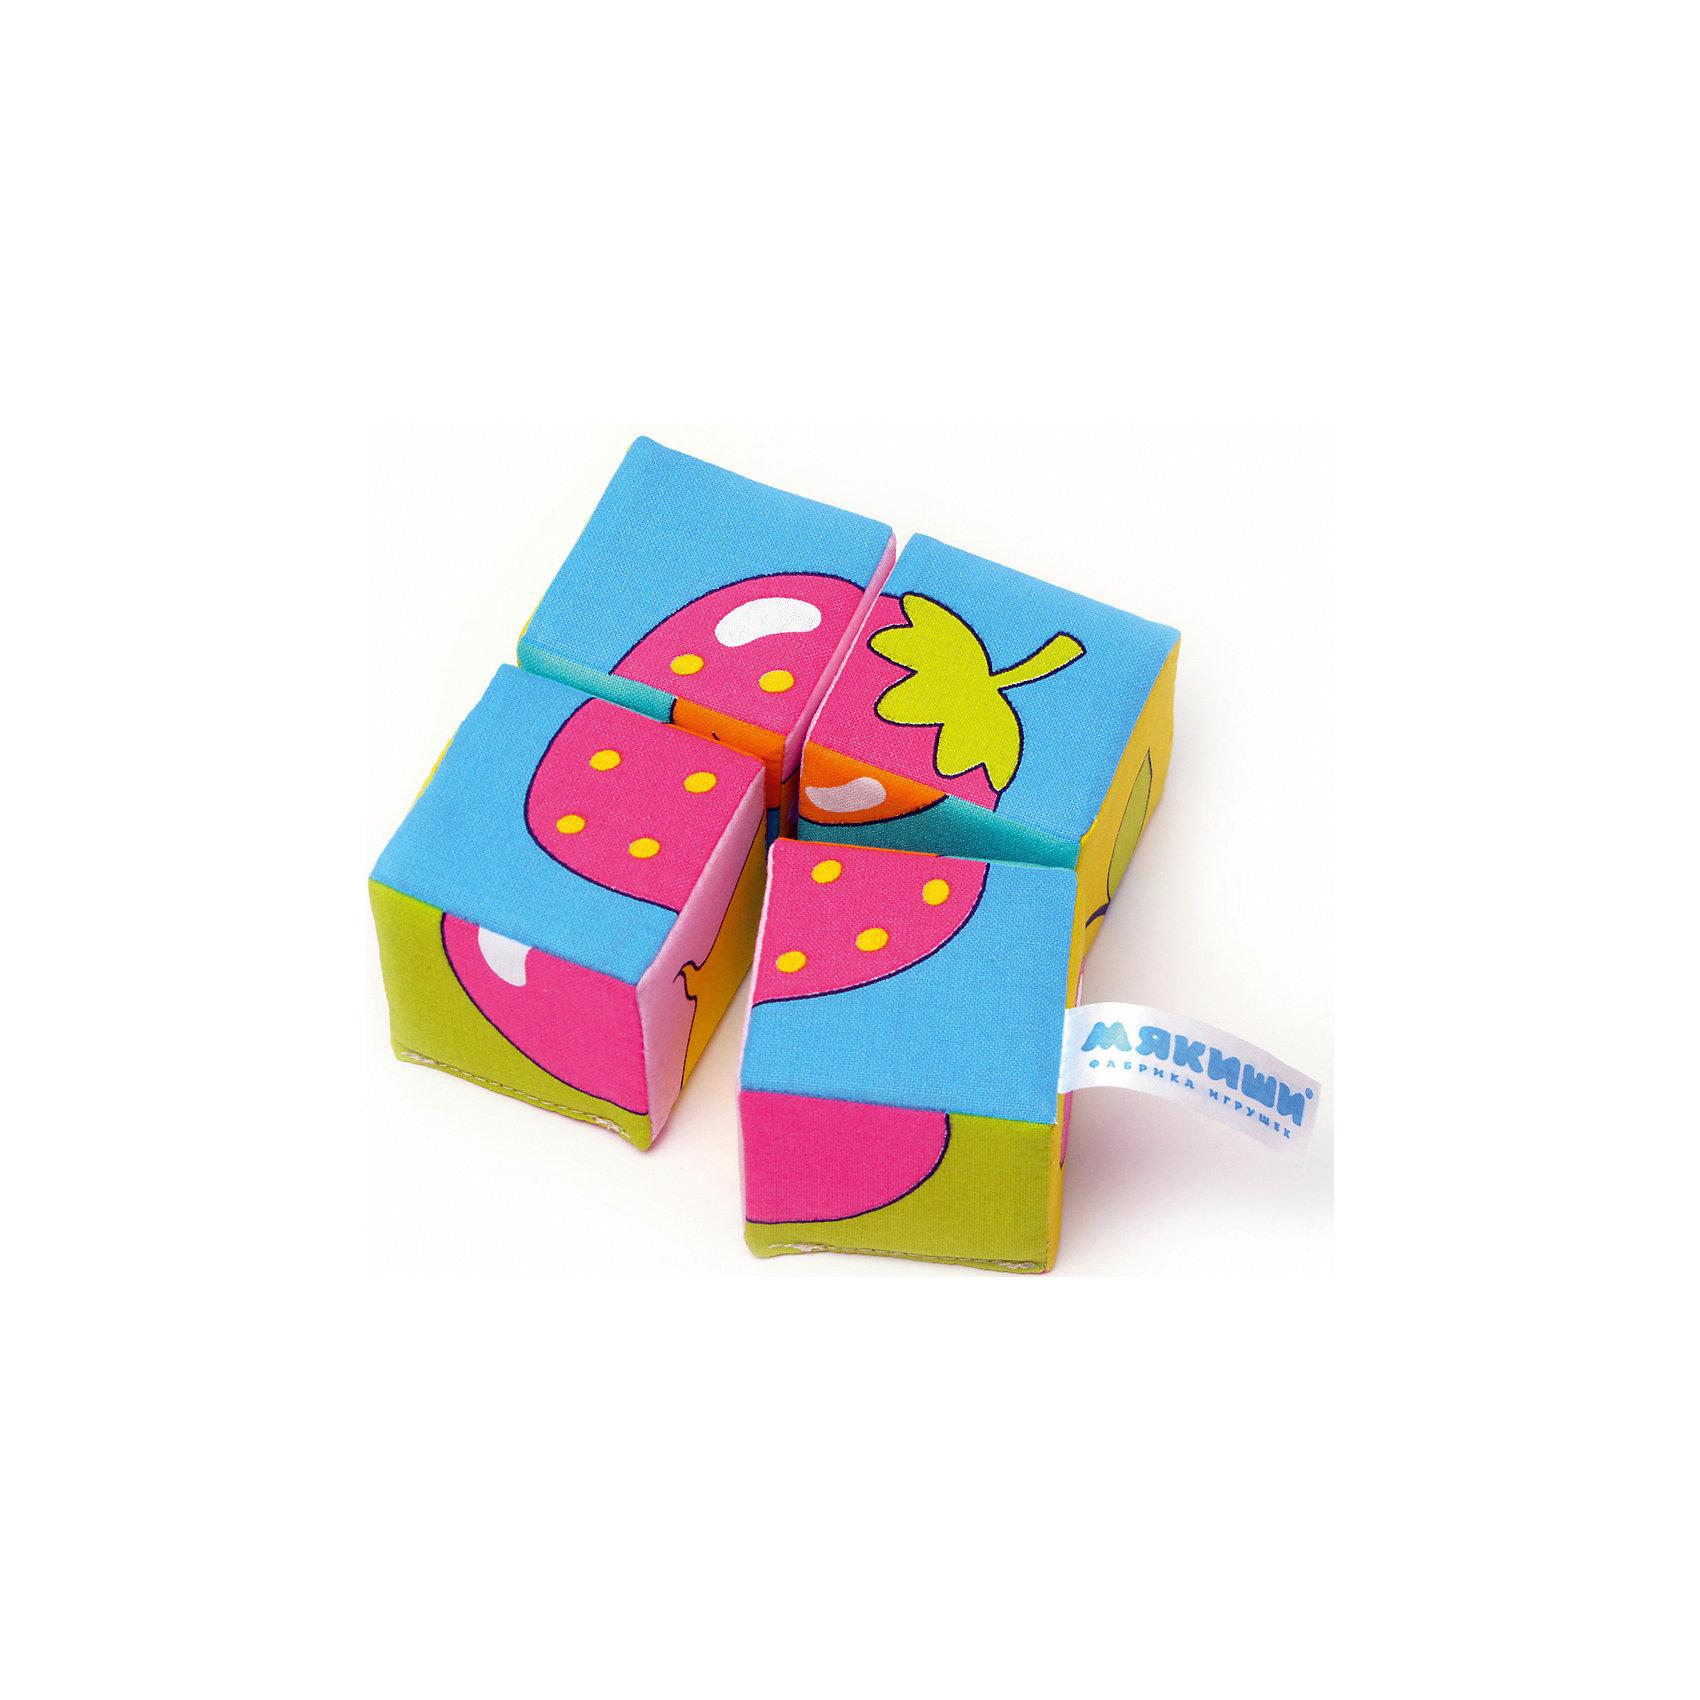 Кубики Собираем картину - ягоды, фрукты, овощи, МякишиХарактеристики товара:<br><br>• материал: хлопок, поролон<br>• комплектация: 4 шт<br>• размер игрушки: 5 см<br>• можно собрать шесть картинок<br>• развивающая игрушка<br>• упаковка: картон<br>• страна бренда: РФ<br>• страна изготовитель: РФ<br><br>Малыши активно познают мир и тянутся к новой информации. Чтобы сделать процесс изучения окружающего пространства интереснее, ребенку можно подарить развивающие игрушки. В процессе игры информация усваивается намного лучше!<br>Такие кубики помогут занять малыша, играть ими приятно и весело. Одновременно они позволят познакомиться со многими цветами, фактурами, а также из них можно собрать шесть картинок. Такие игрушки развивают тактильные ощущения, моторику, цветовосприятие, логику, воображение, учат фокусировать внимание. Каждое изделие абсолютно безопасно – оно создано из качественной ткани с мягким наполнителем. Игрушки производятся из качественных и проверенных материалов, которые безопасны для детей.<br><br>Кубики Собери картинку - ягоды, фрукты, овощи от бренда Мякиши можно купить в нашем интернет-магазине.<br><br>Ширина мм: 100<br>Глубина мм: 50<br>Высота мм: 100<br>Вес г: 40<br>Возраст от месяцев: 12<br>Возраст до месяцев: 36<br>Пол: Унисекс<br>Возраст: Детский<br>SKU: 5183227